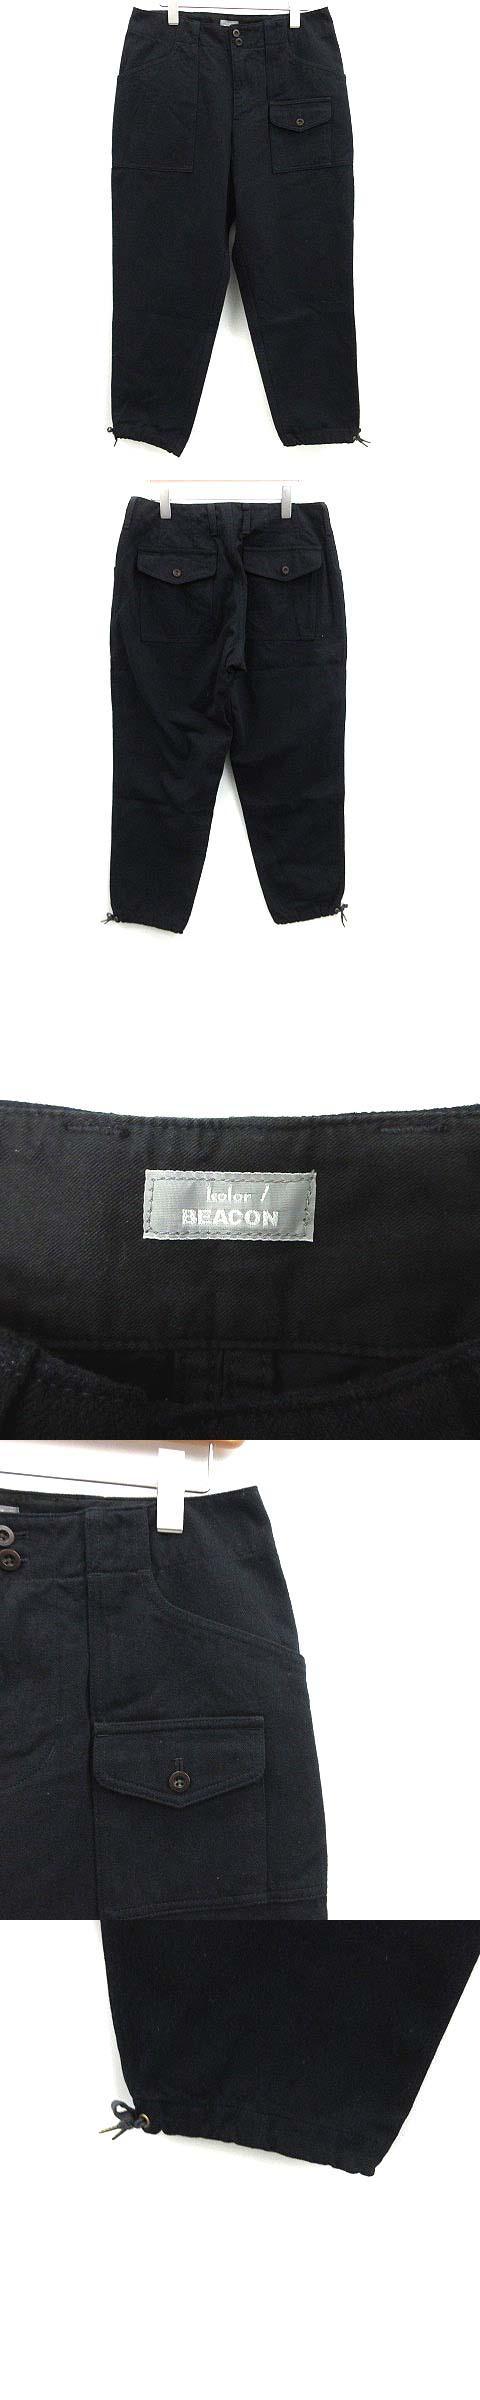 BEACON パンツ ウール混 2 紺 ネイビー /KH